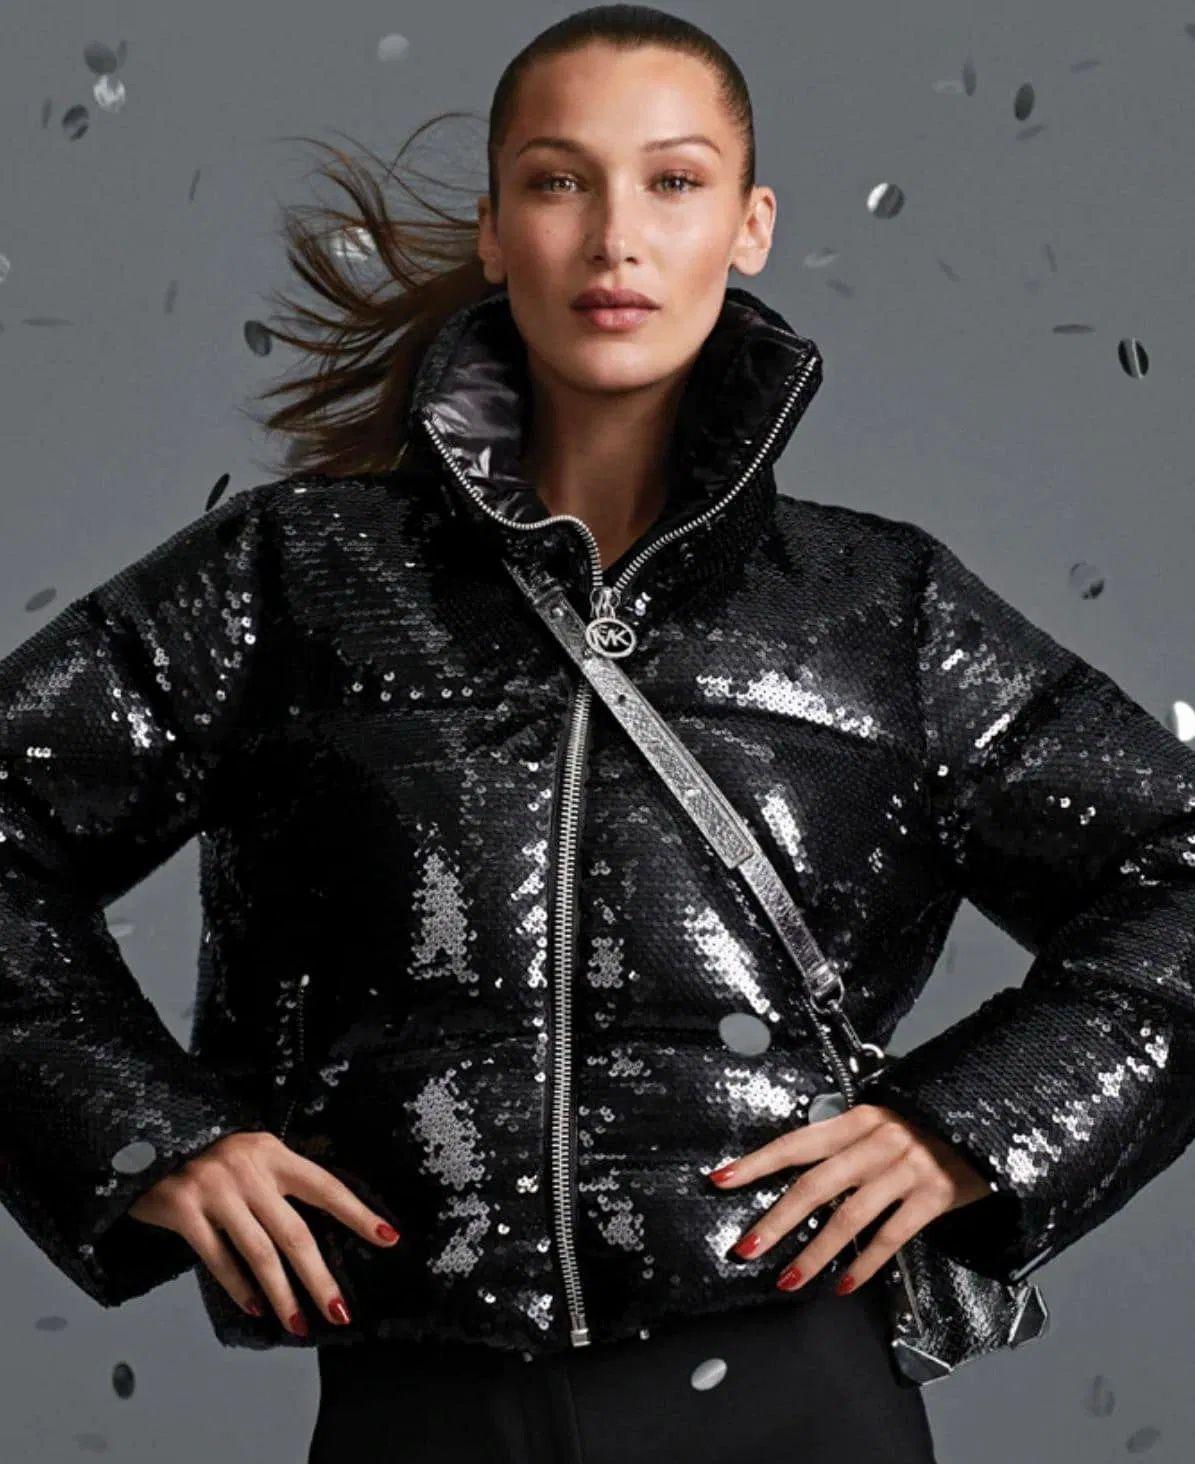 Michael Kors Black Sequin Jacket Today S Fashion Item Black Sequin Jacket Fashion Black Sequins [ 1464 x 1195 Pixel ]